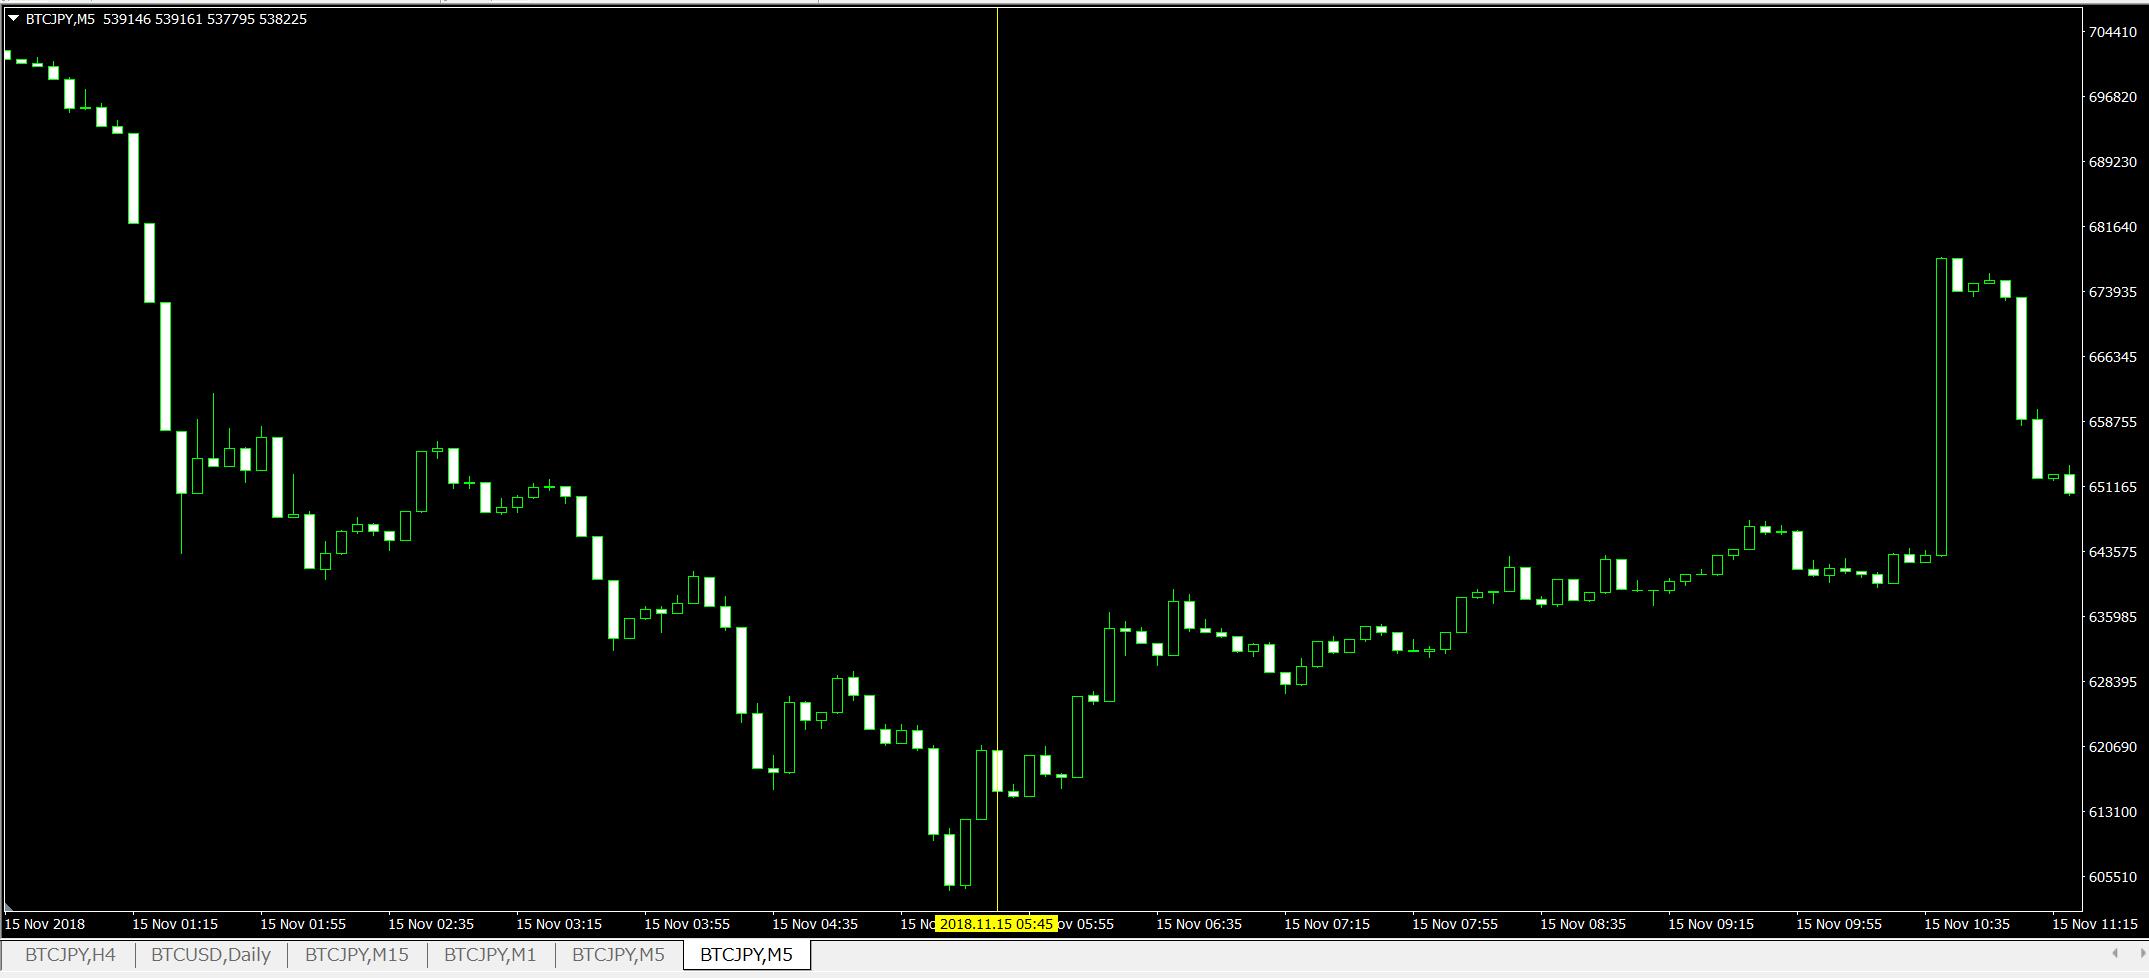 ビットコインとは?ゼロから分かる仕組みや今後の展望、始め方や買い方までを簡単解説!